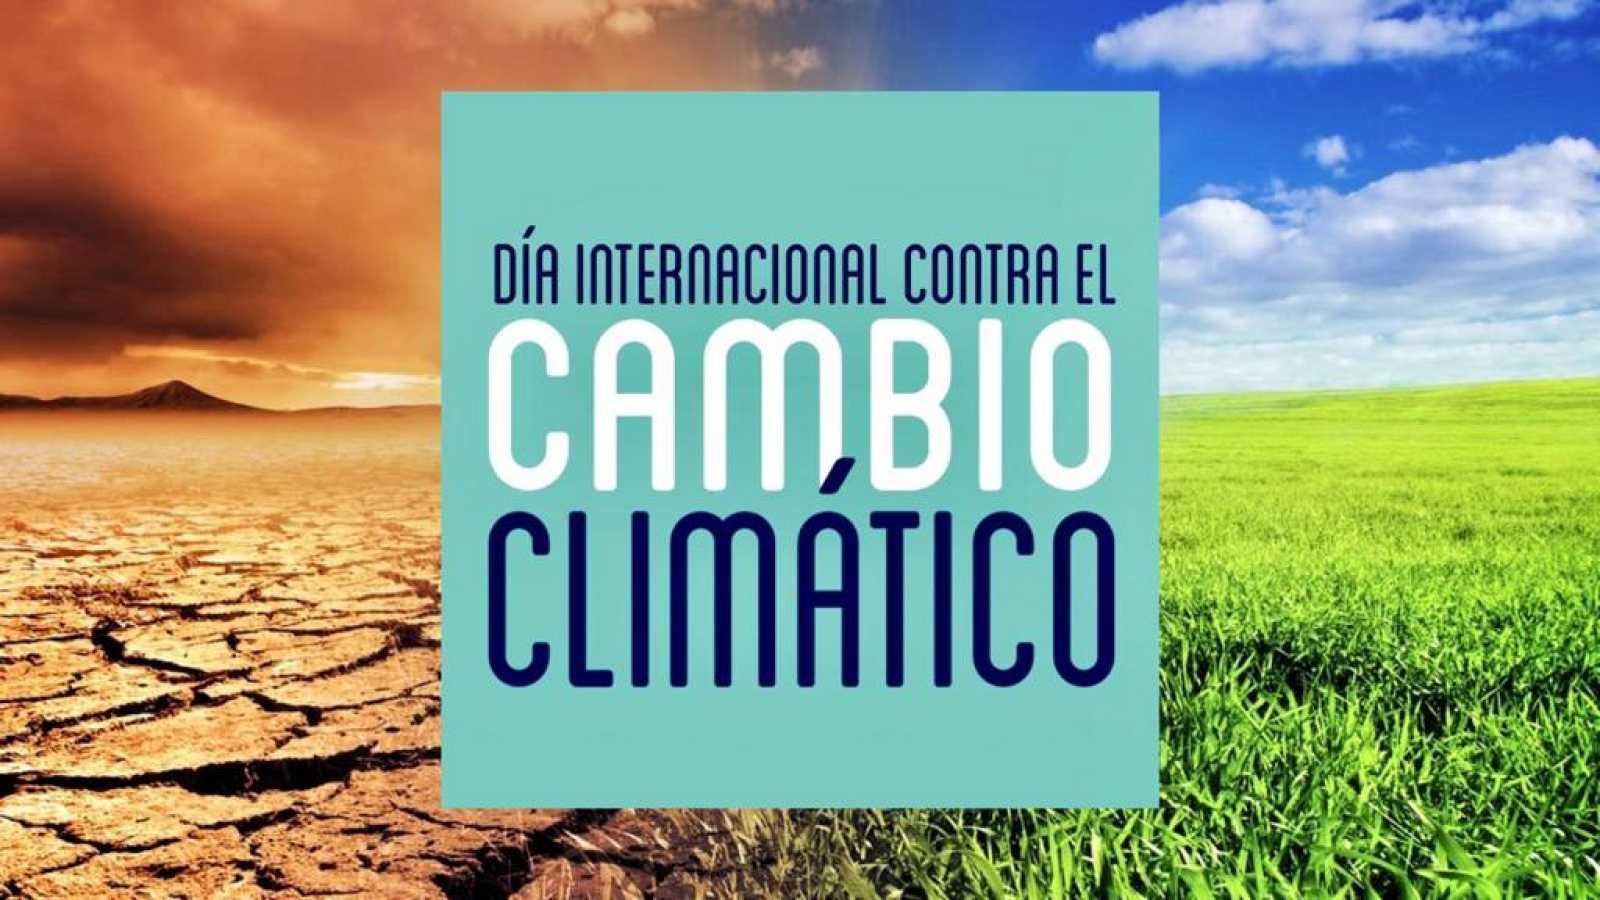 No es un día cualquiera - Tatiana Nuño, Cambio climático - 'Colateral' - 24/10/2020 - Escuchar ahora